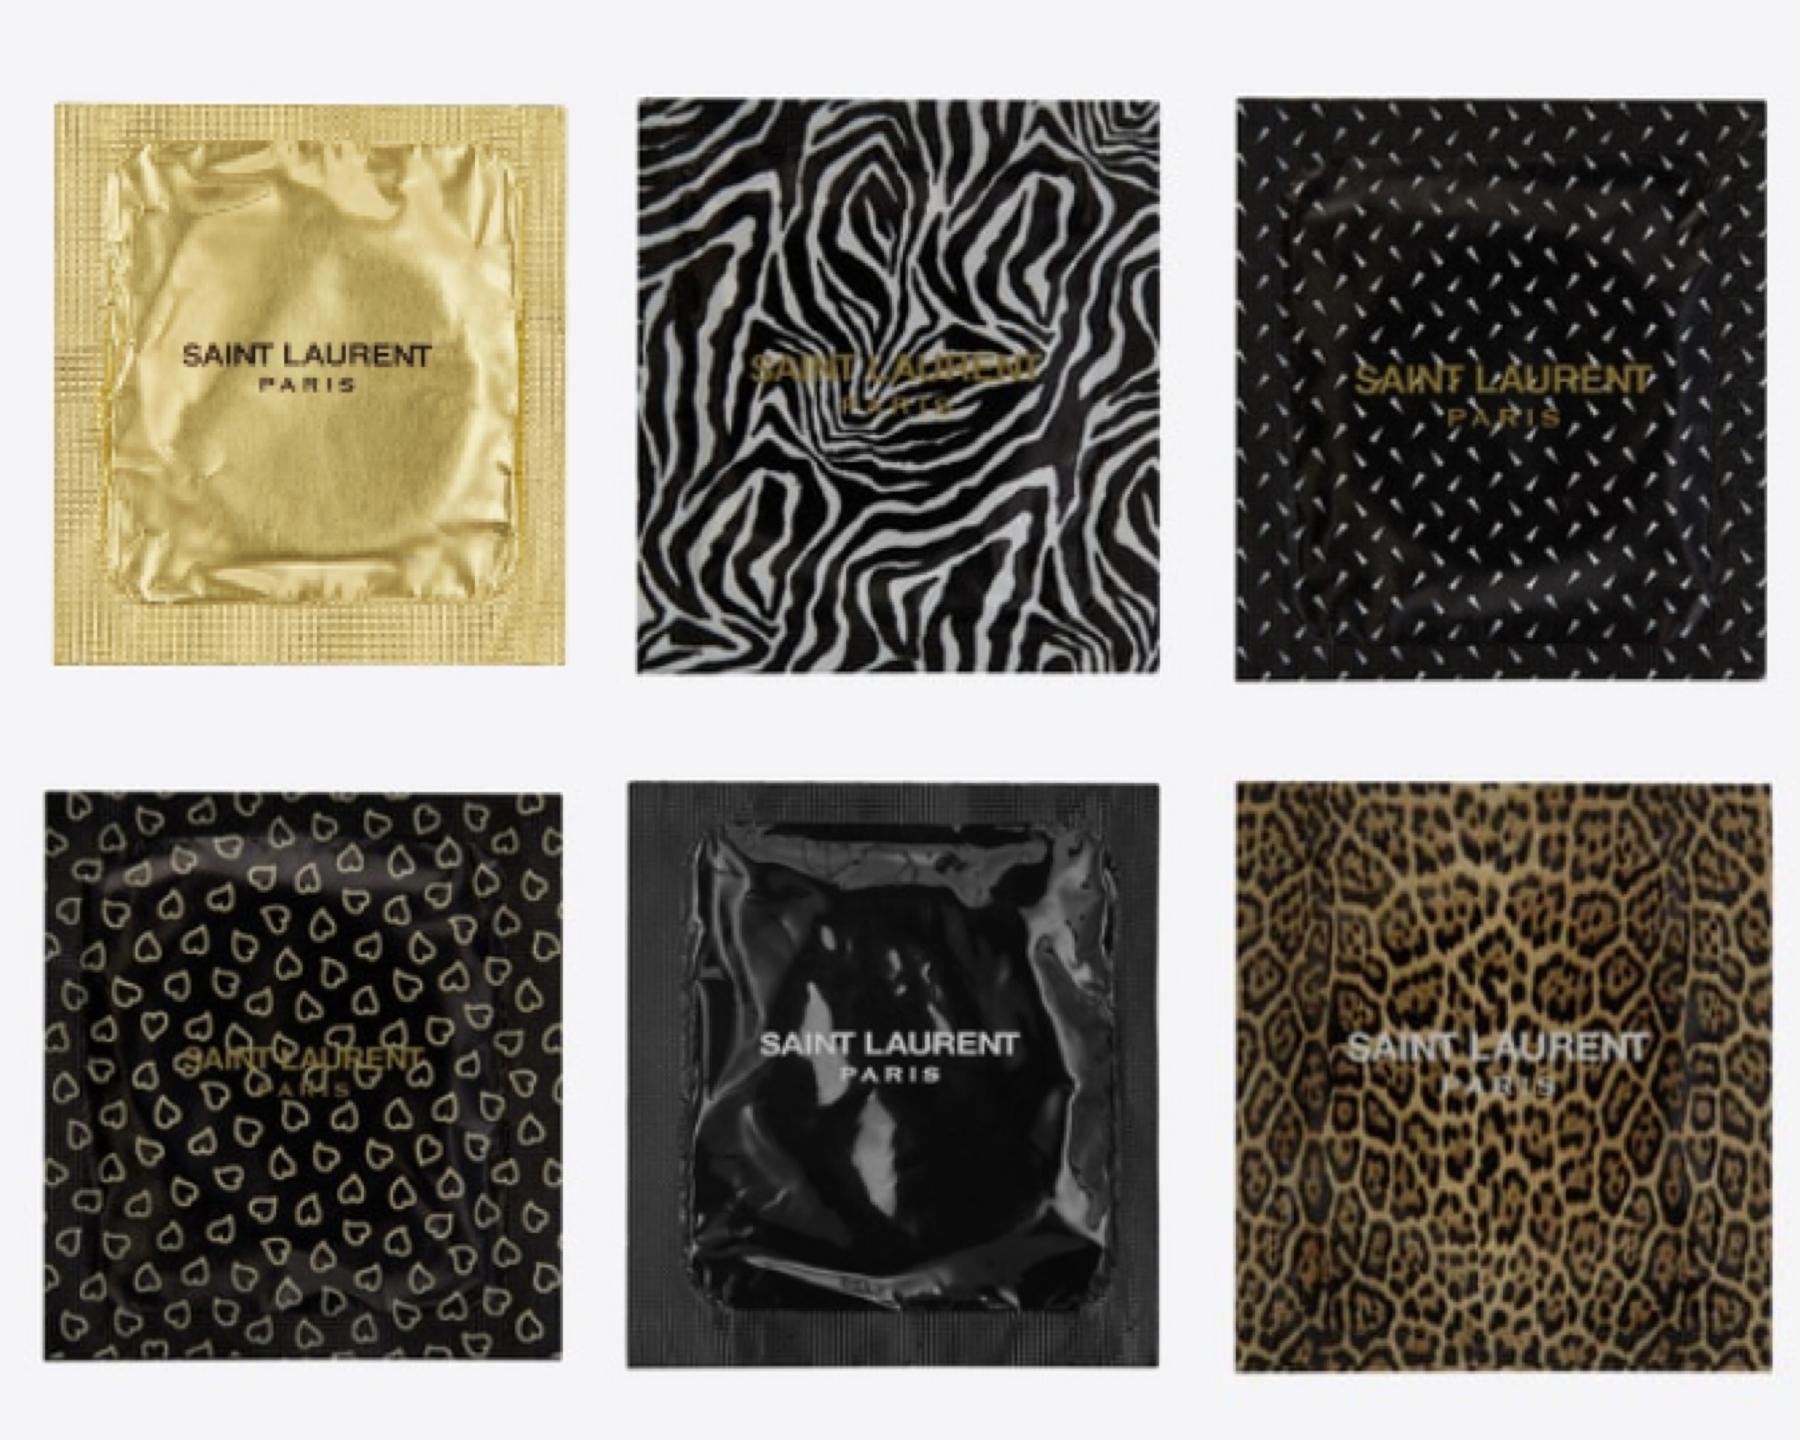 Los condones de Saint Laurent forman parte de la nueva campaña The Love Affair, que muestran a la perfección el significado de un empaque de lujo.